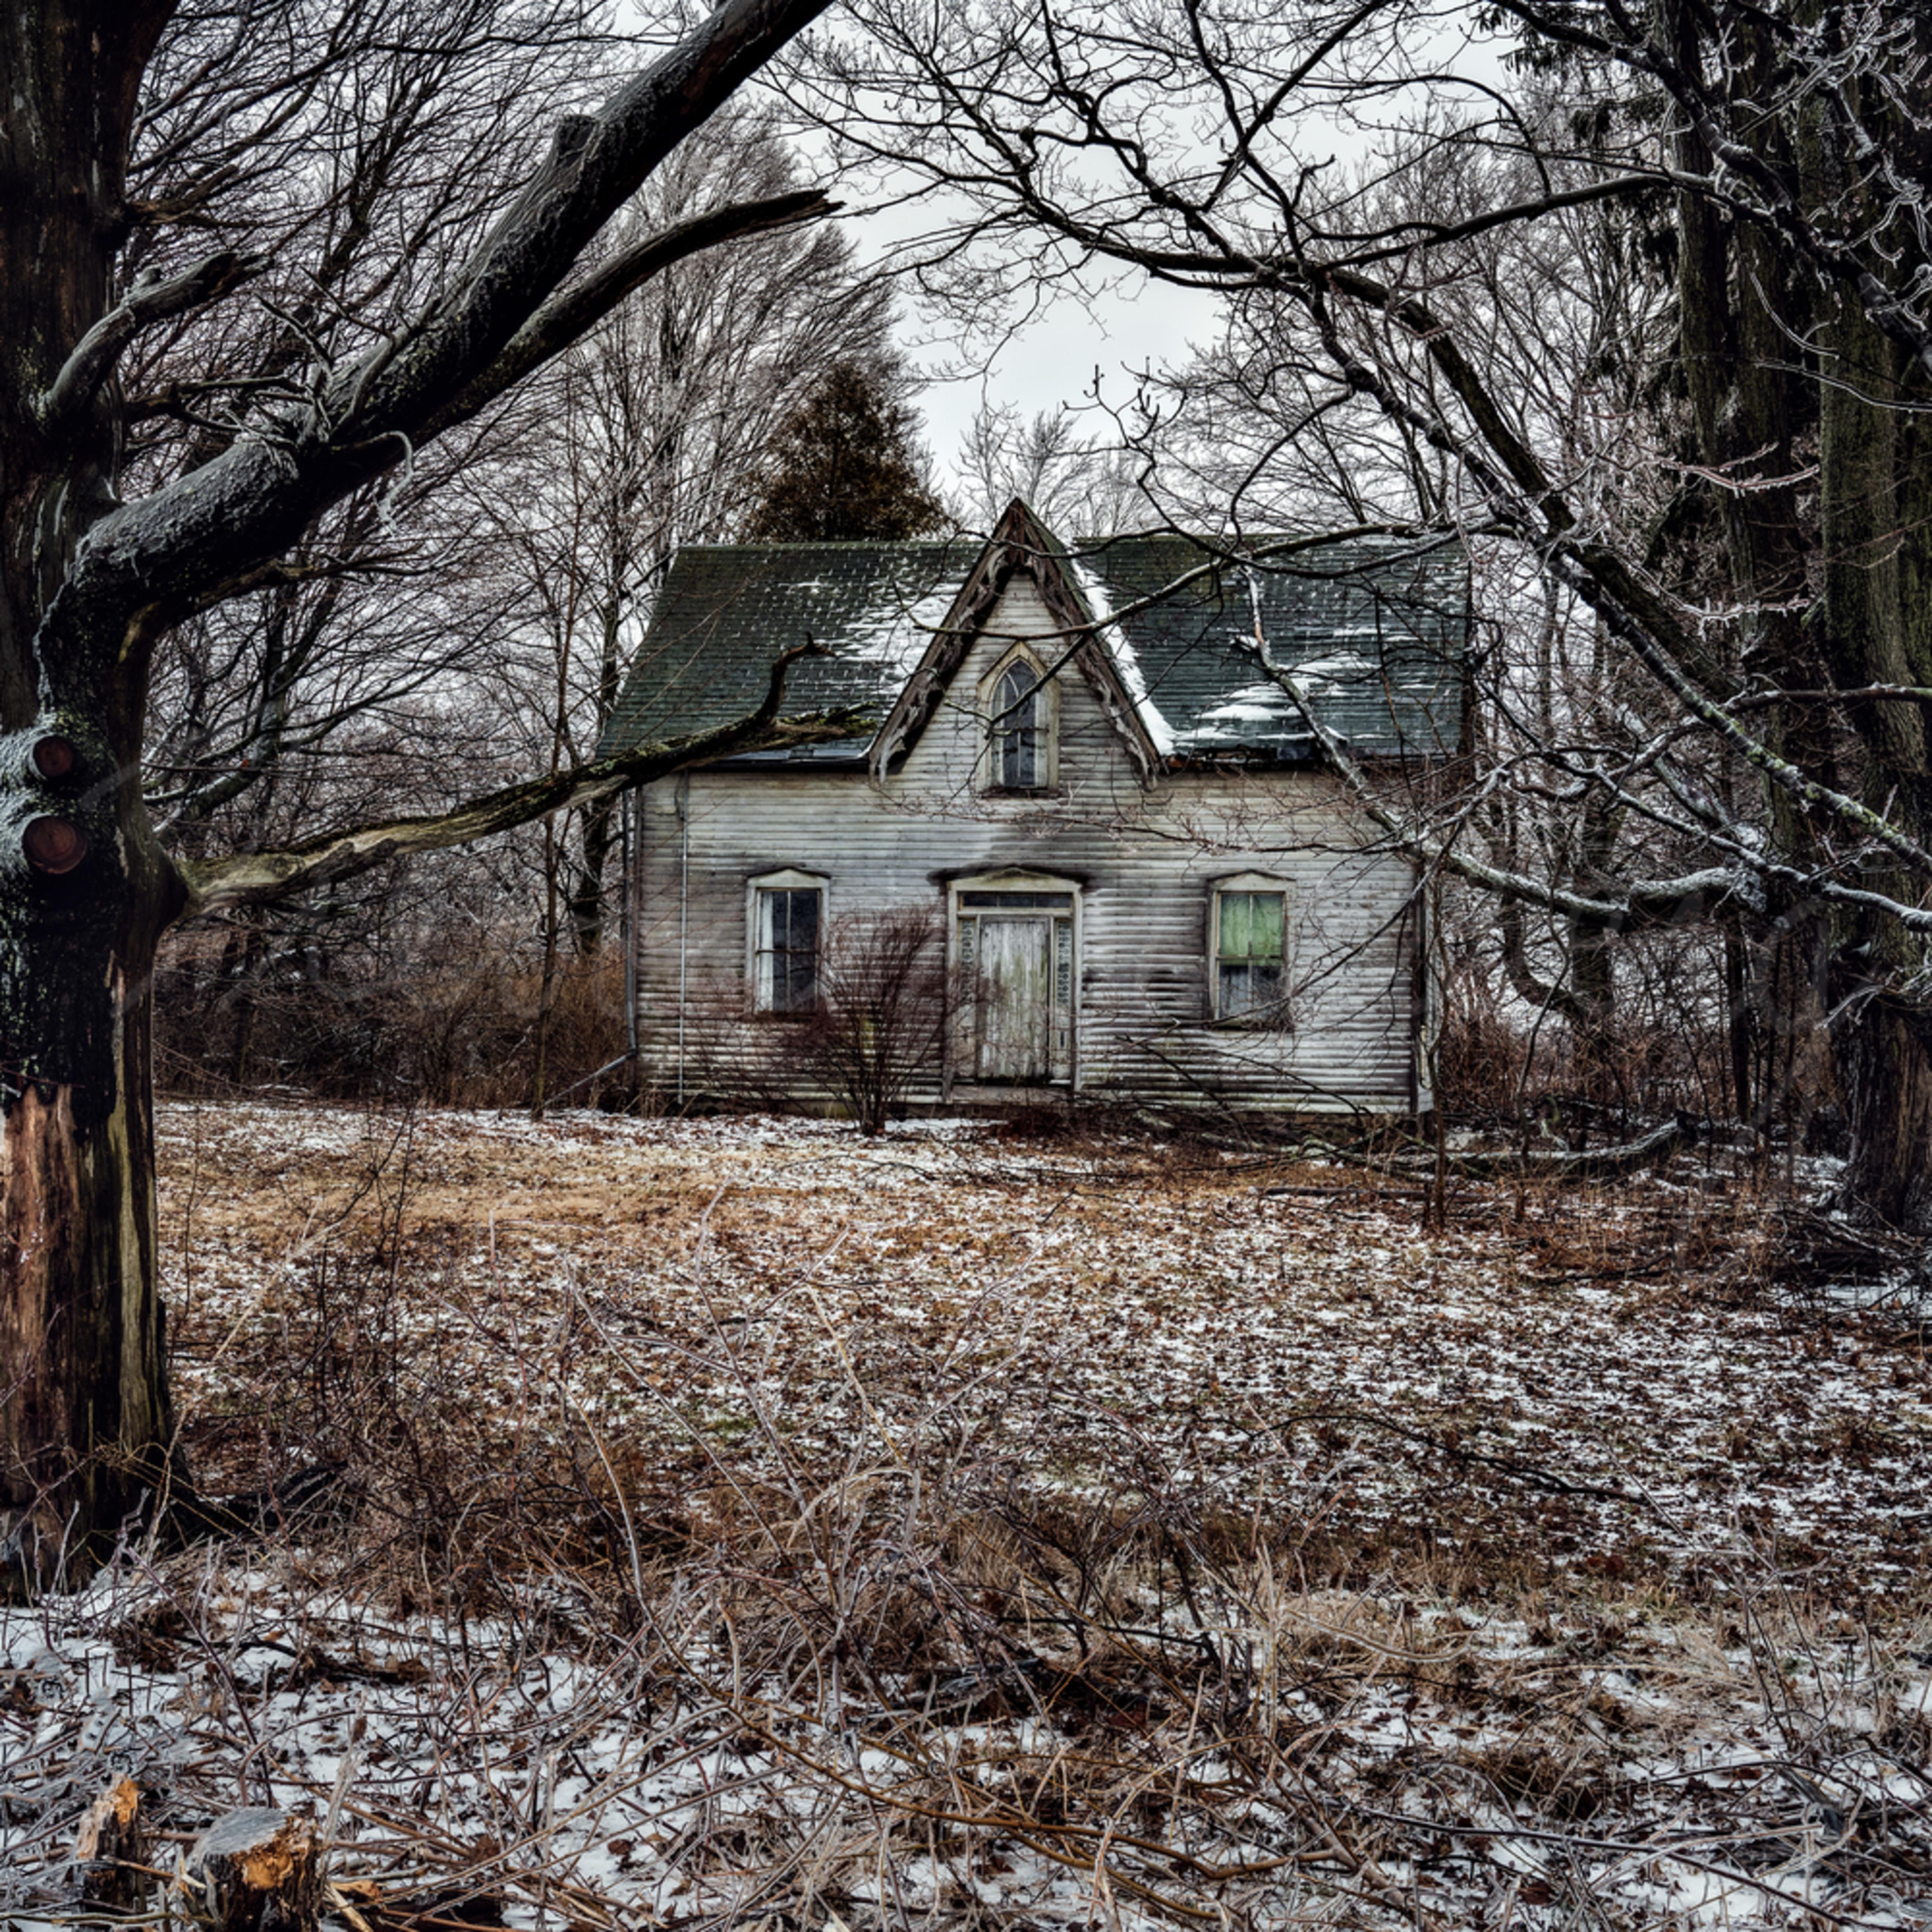 Granny s house rjs5k4